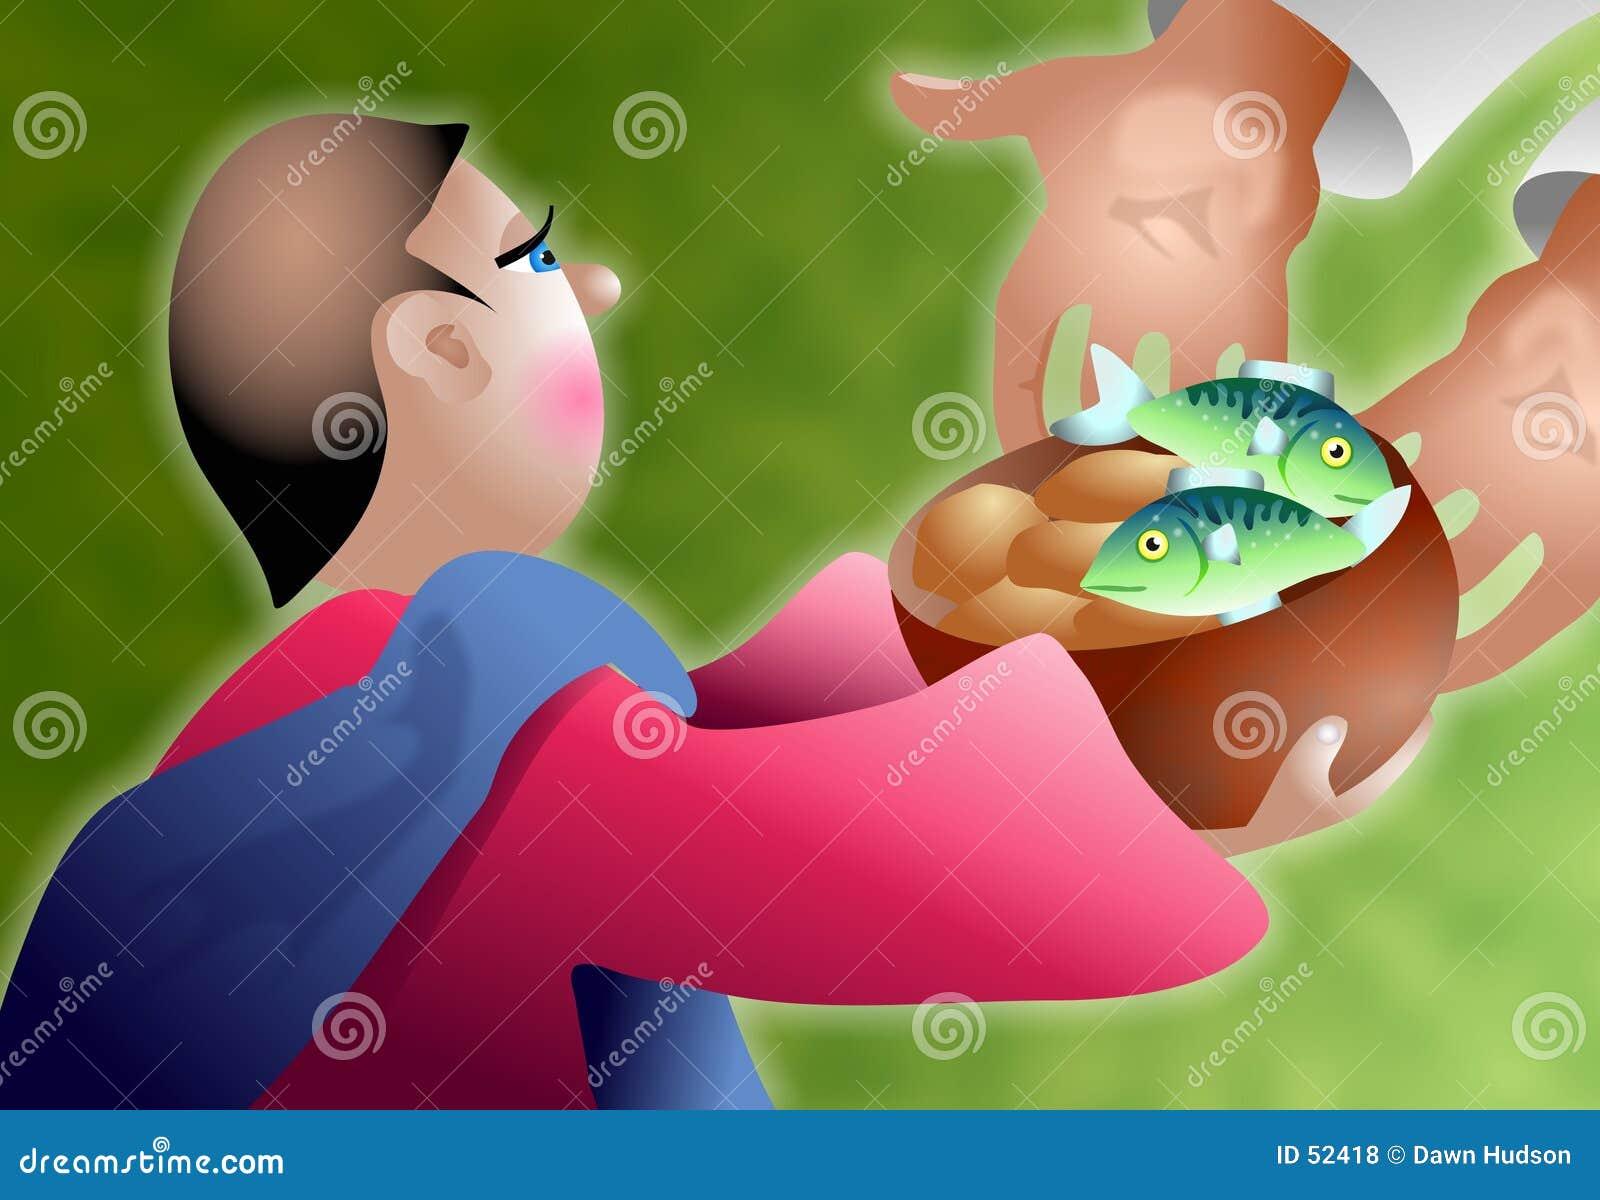 Laibe und Fische